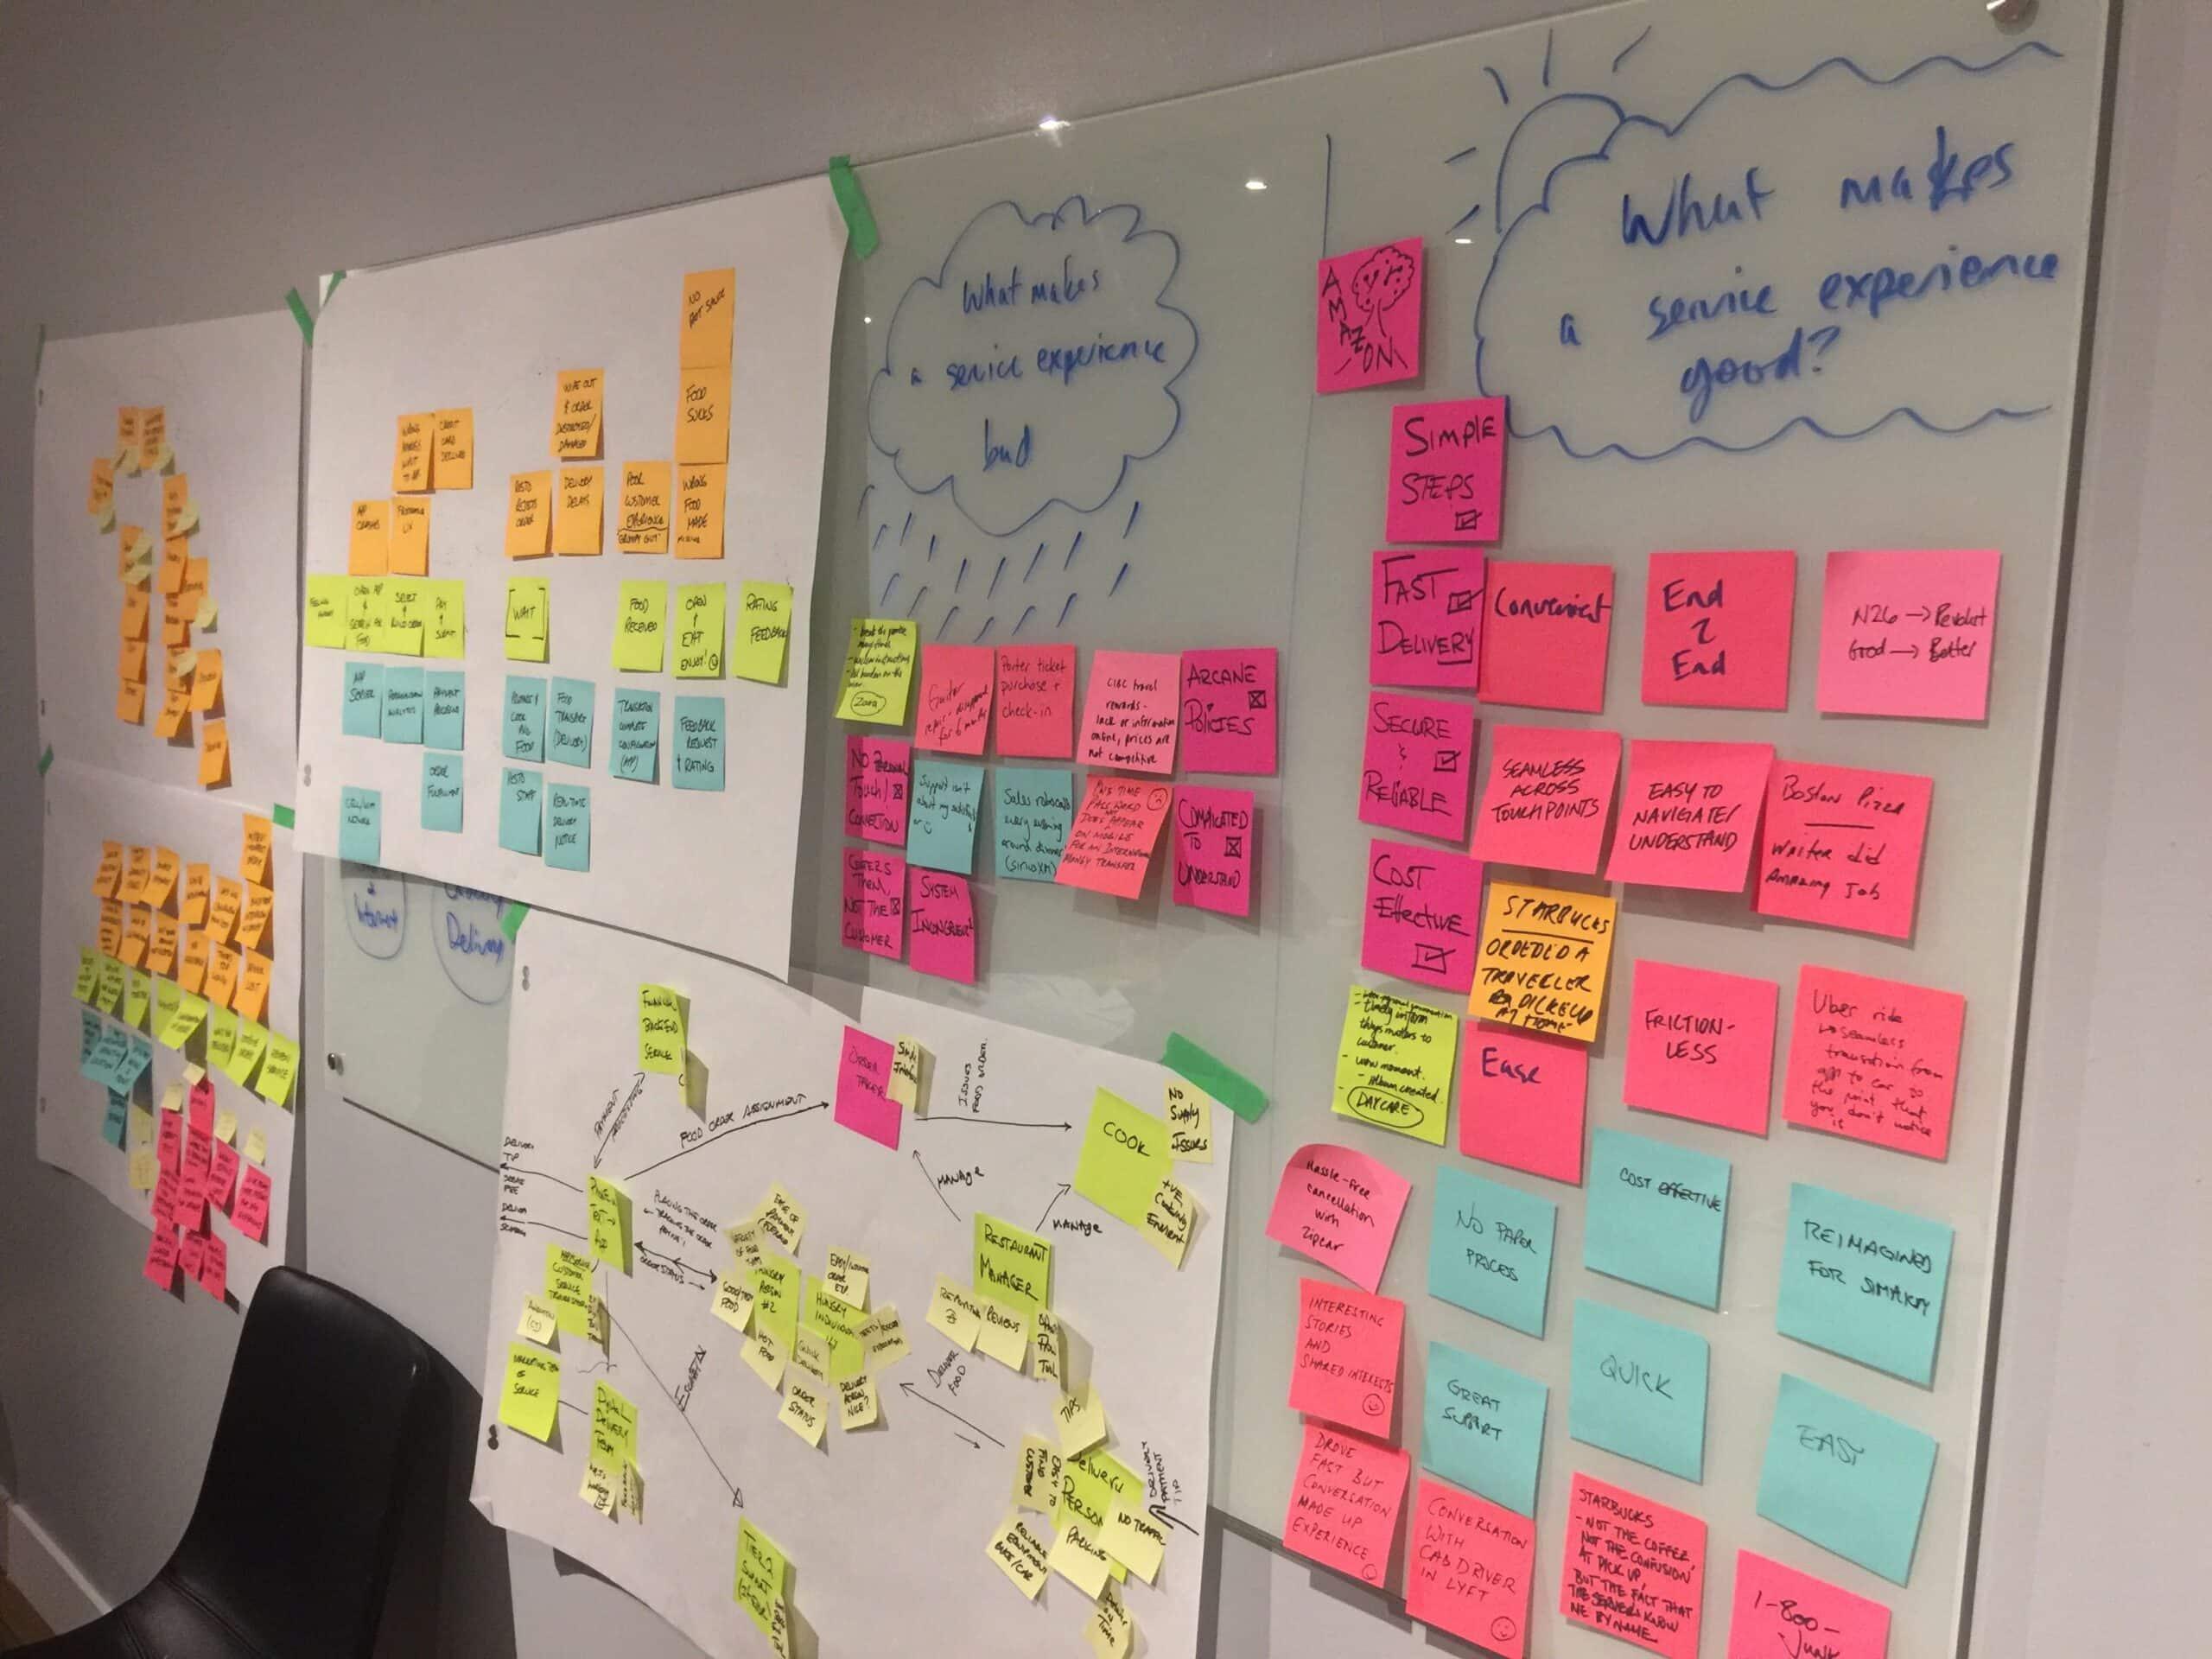 Rize Service Design Workshop 2019-02-05 Stakeholder Map.JPG